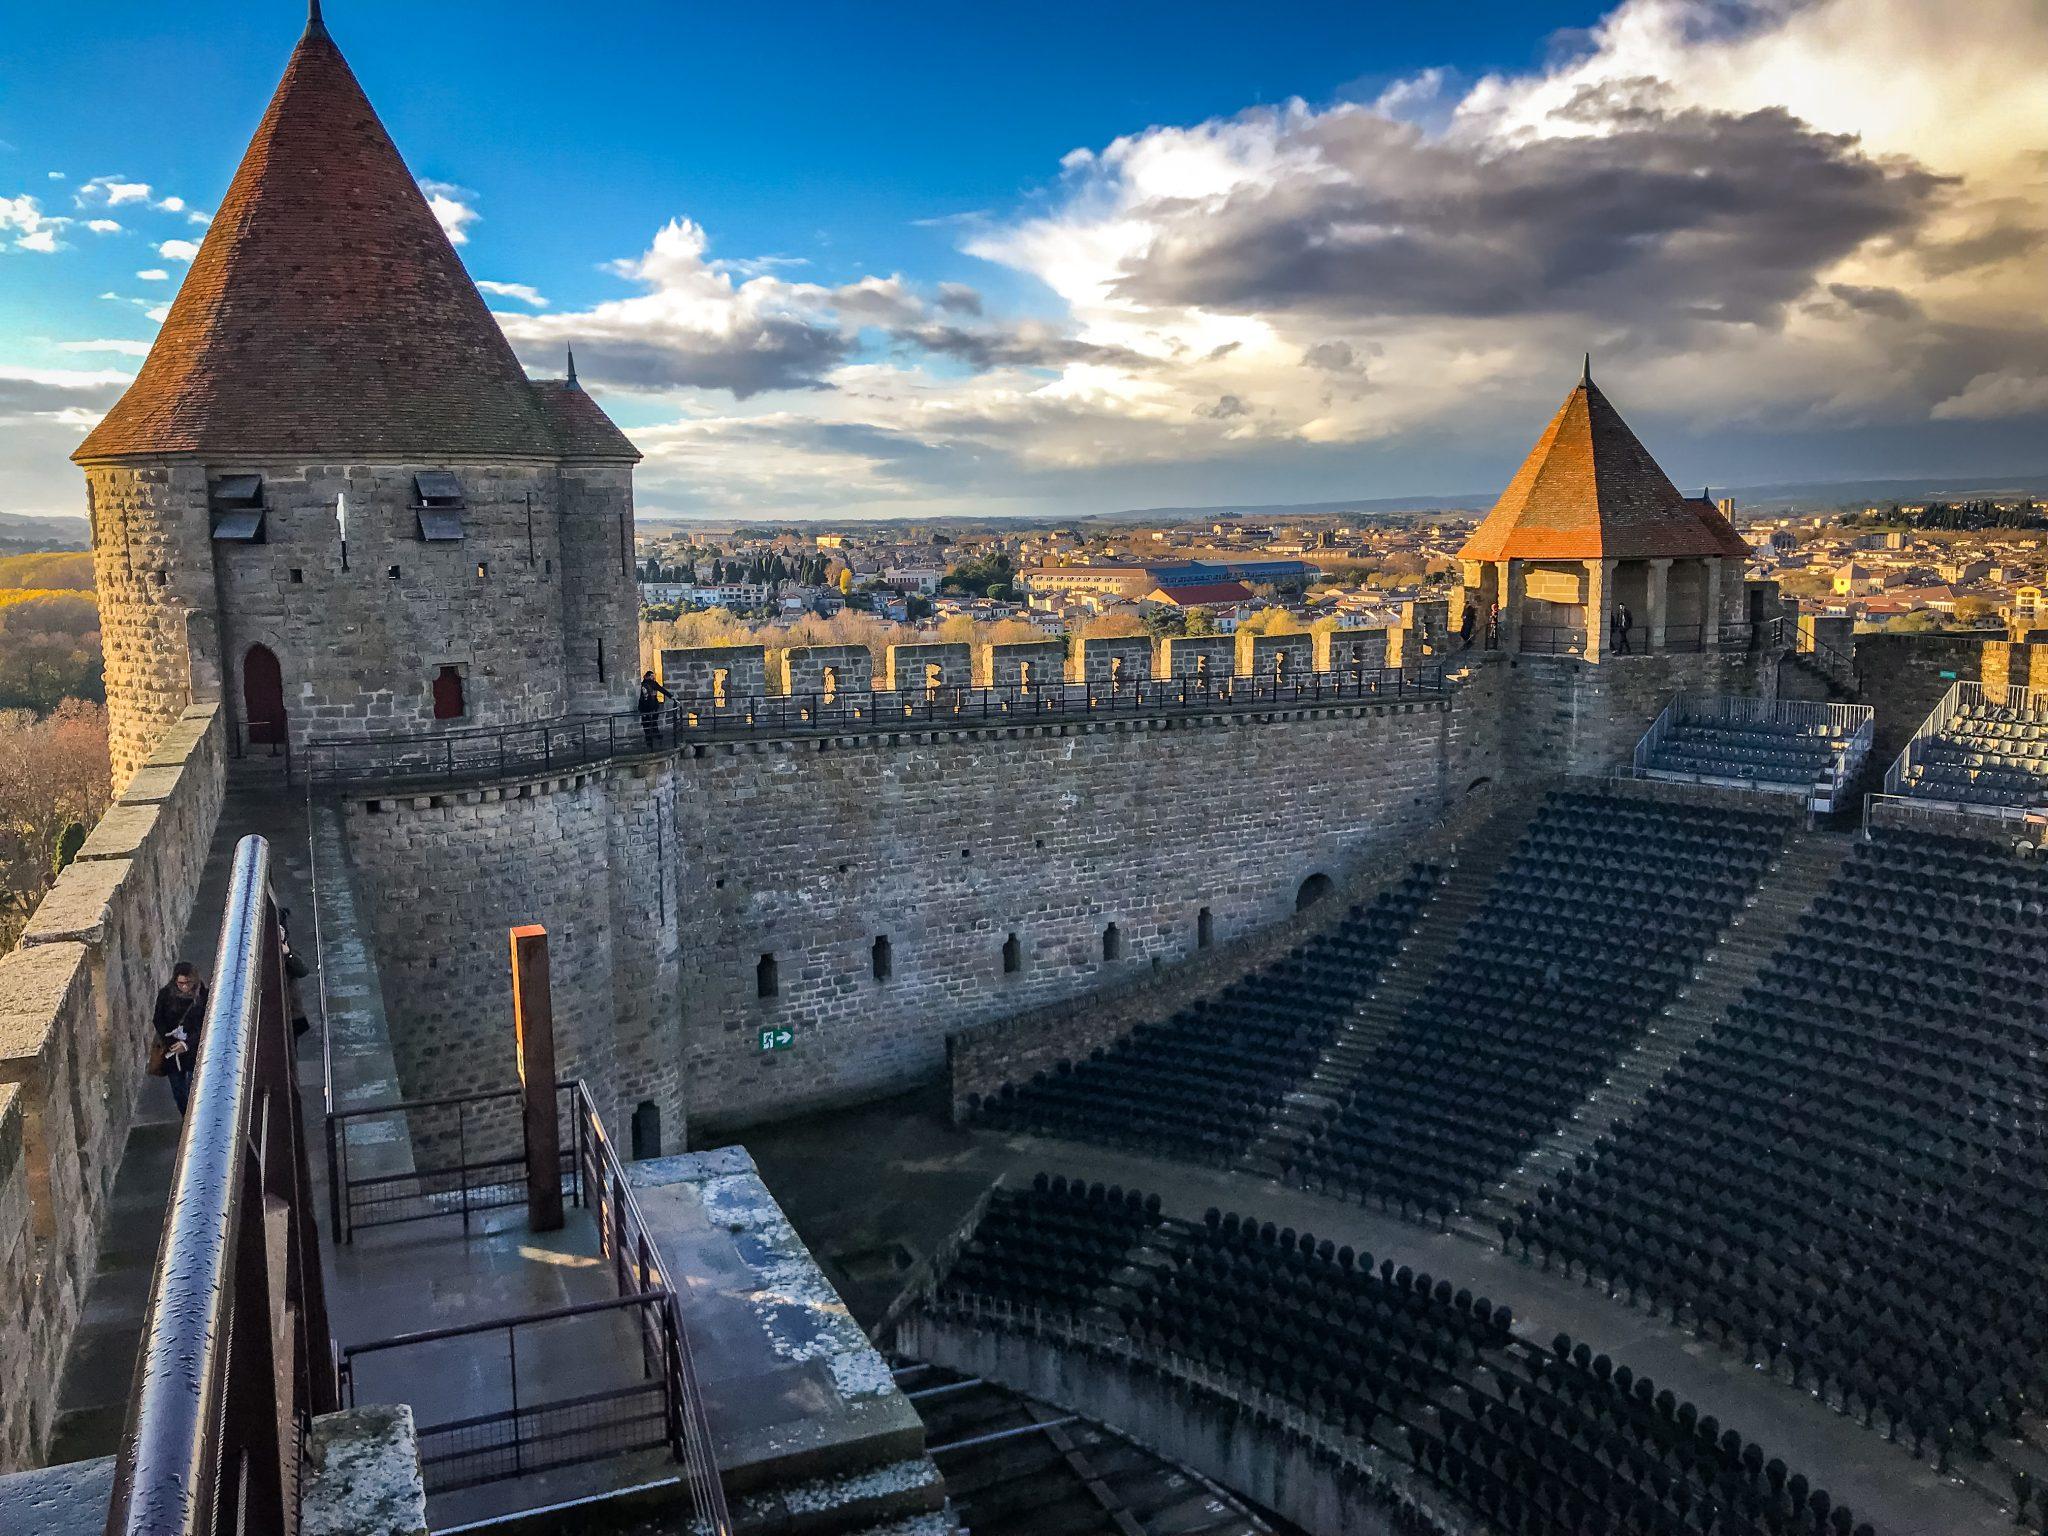 Im Freilufttheater in Carcassonne finden besonders in den Sommermonaten viele Veranstaltungen statt.